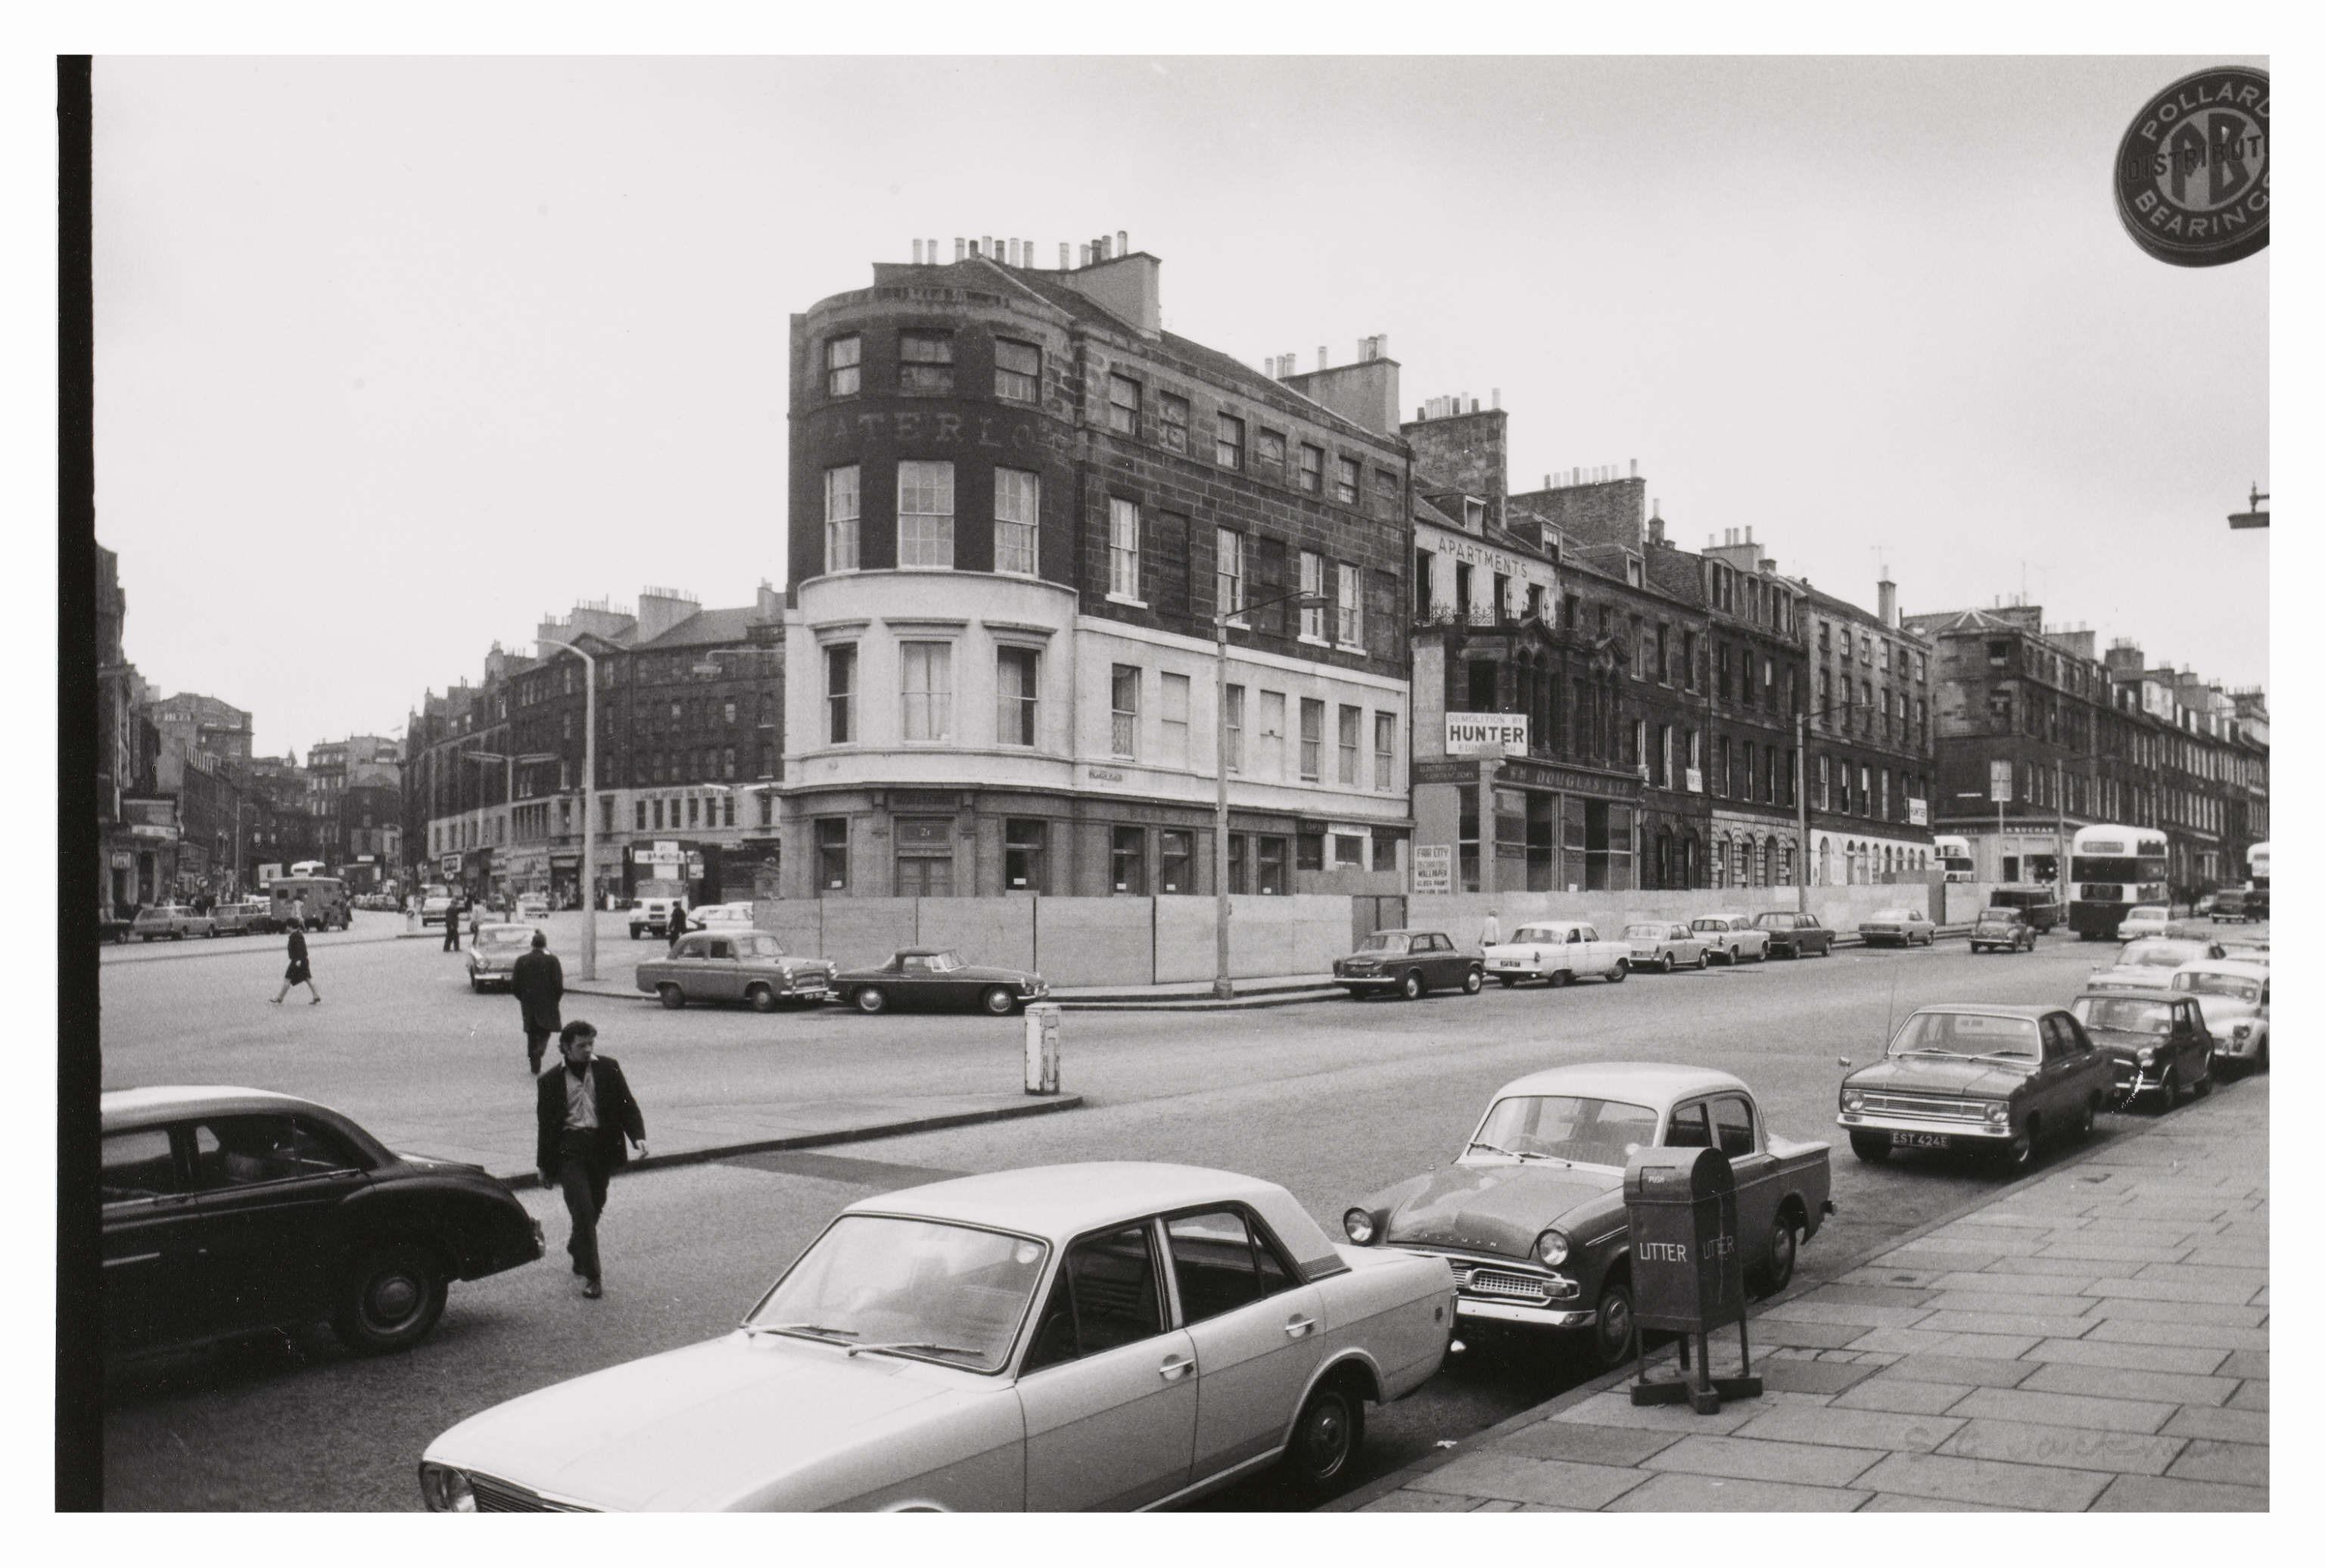 St James Square development